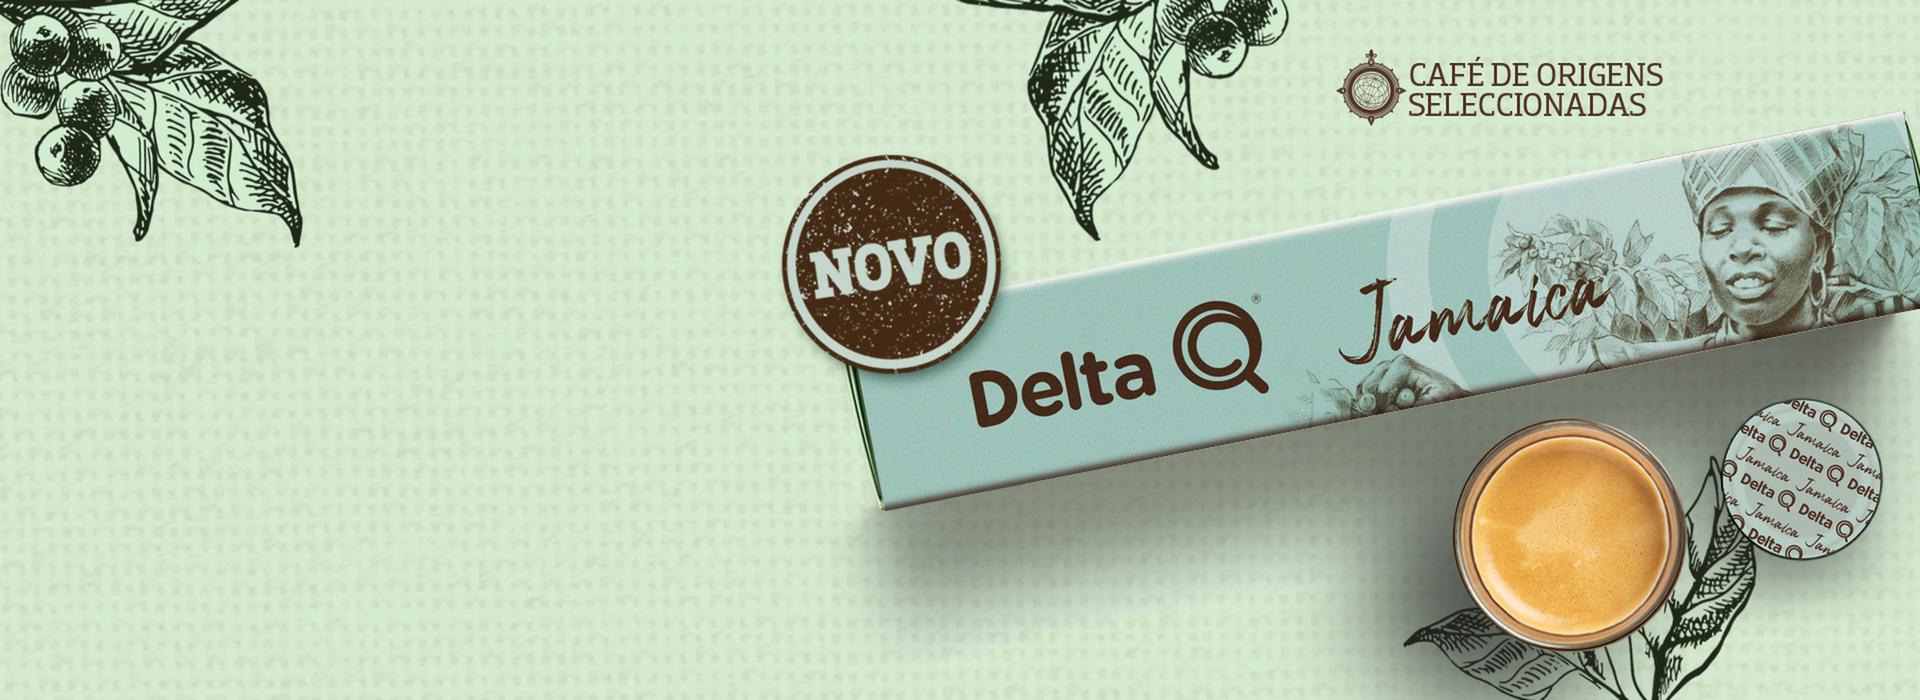 Delta Q Jamaica